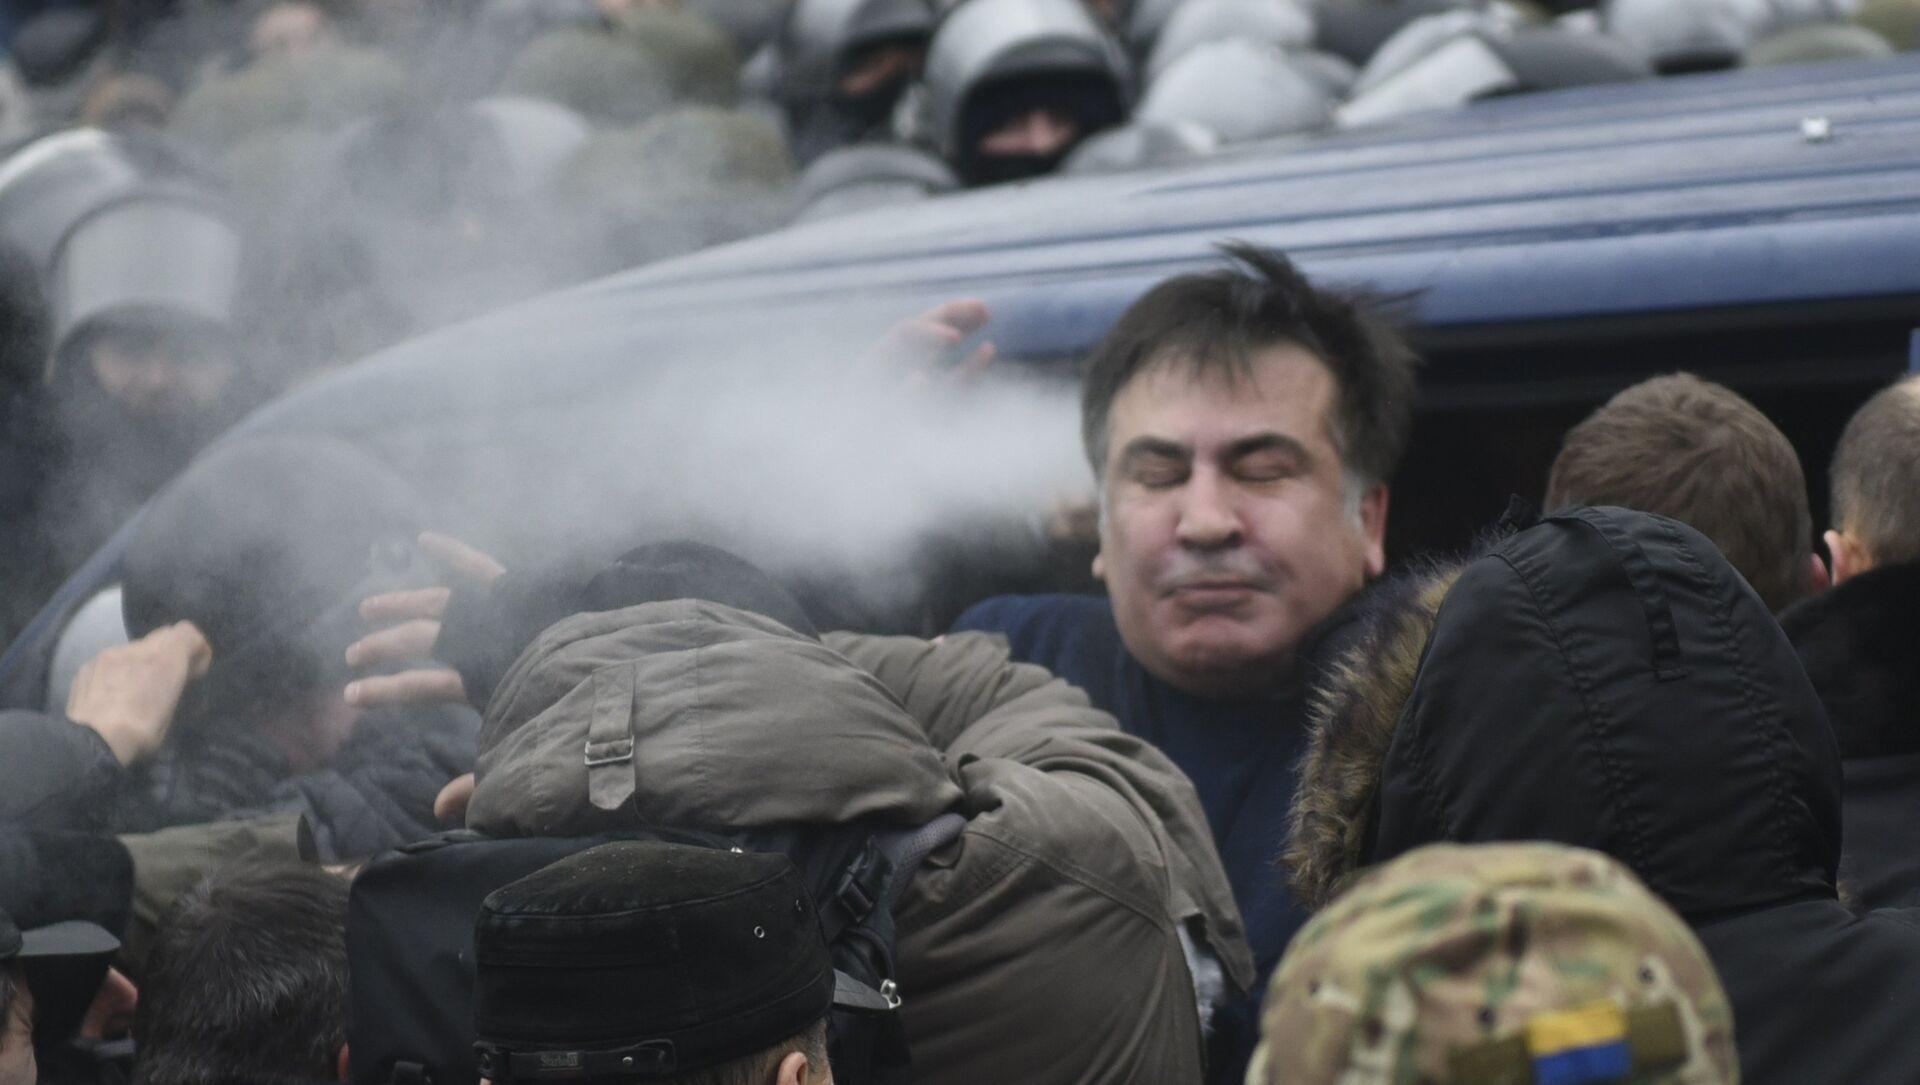 Сторонники Михаила Саакашвили освобождают политика в Киеве  - Sputnik Абхазия, 1920, 02.10.2021